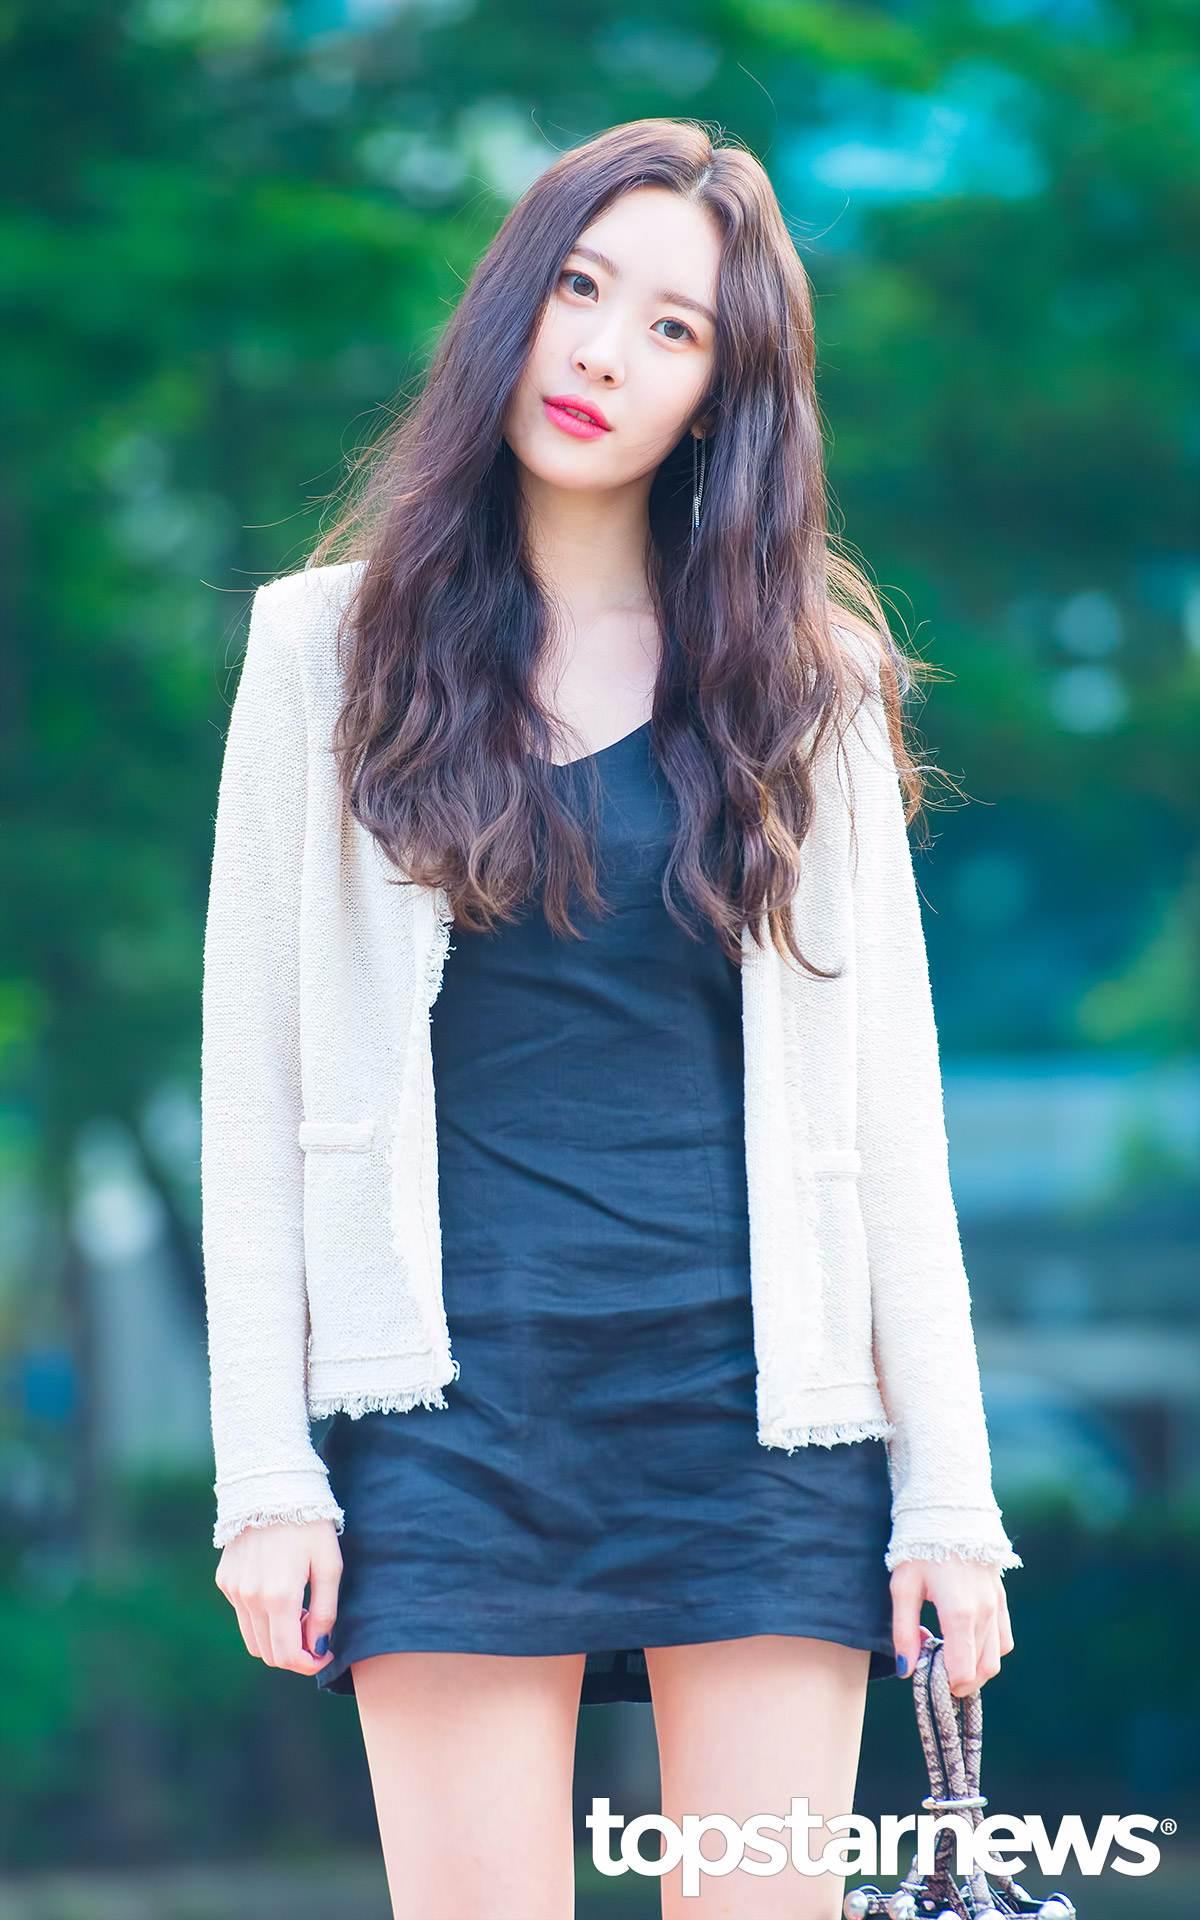 再加上Sunmi的身材可是女生也稱羨的完美比例,白皙的皮膚根本再加分啊!!!!!